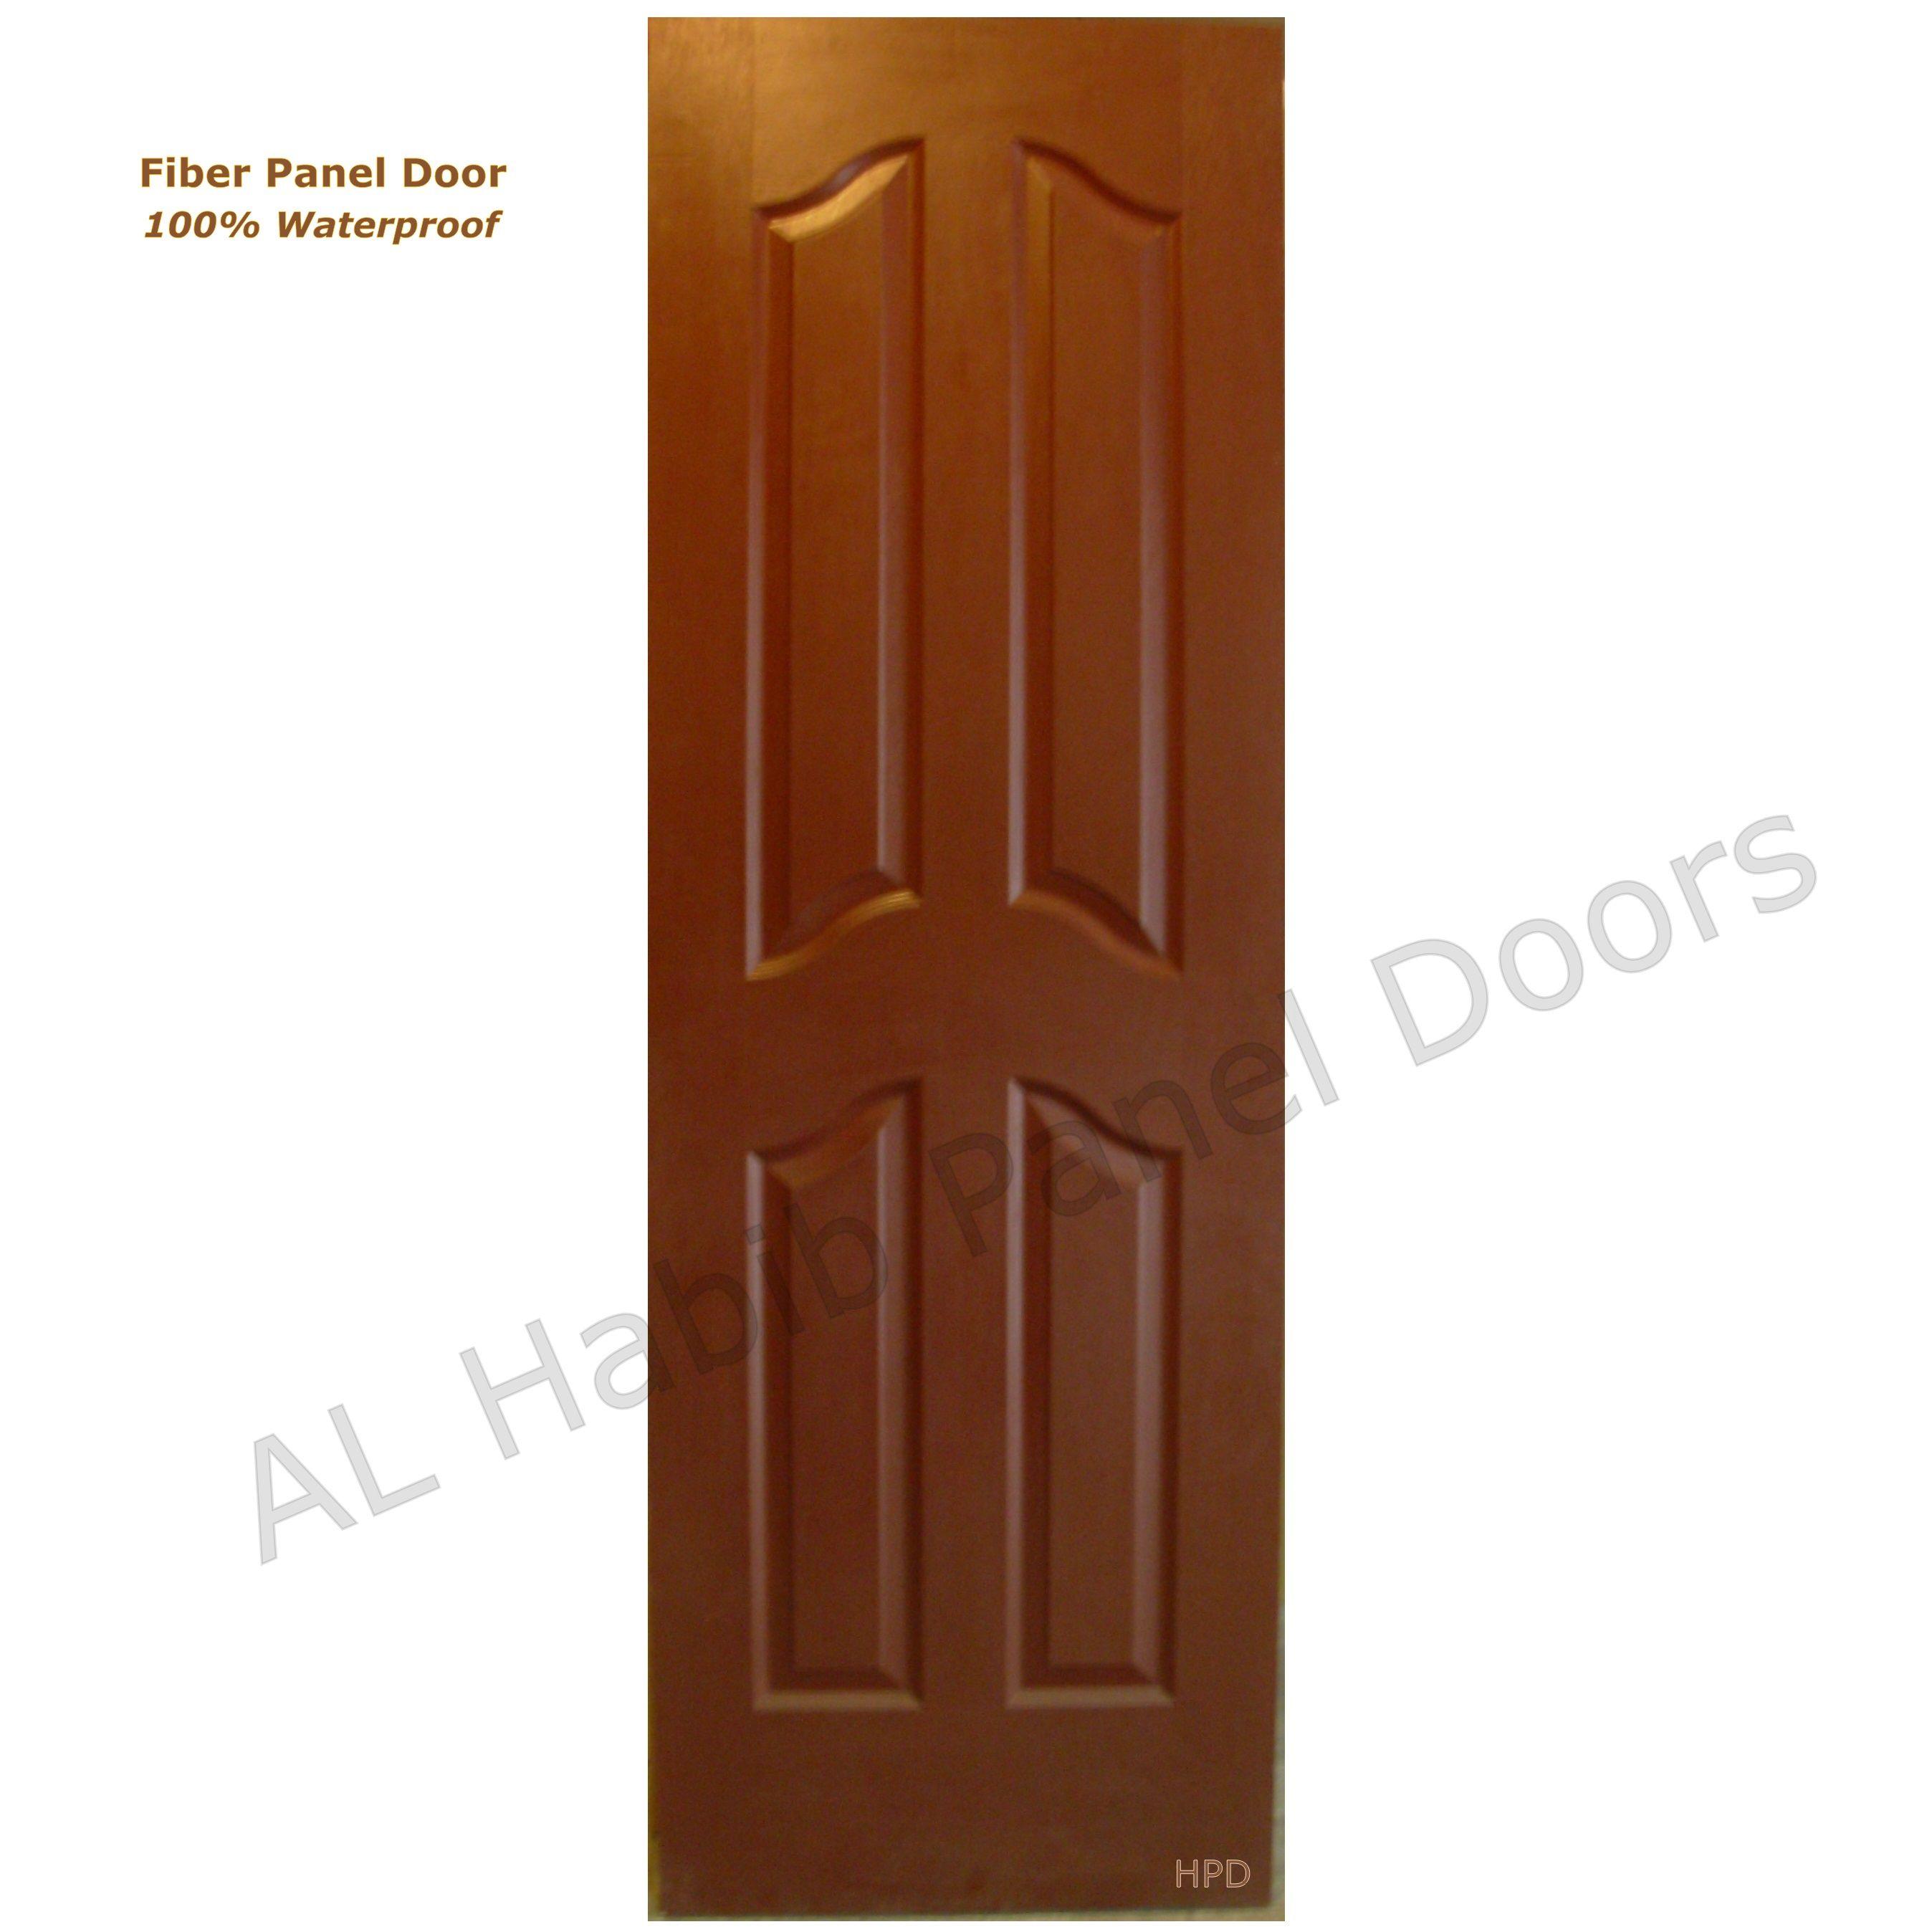 Four Panel Fiber Door Hpd466 - Fiber Panel Doors - Al Habib Panel Doors  sc 1 st  Pinterest & Four Panel Fiber Door Hpd466 - Fiber Panel Doors - Al Habib Panel ...